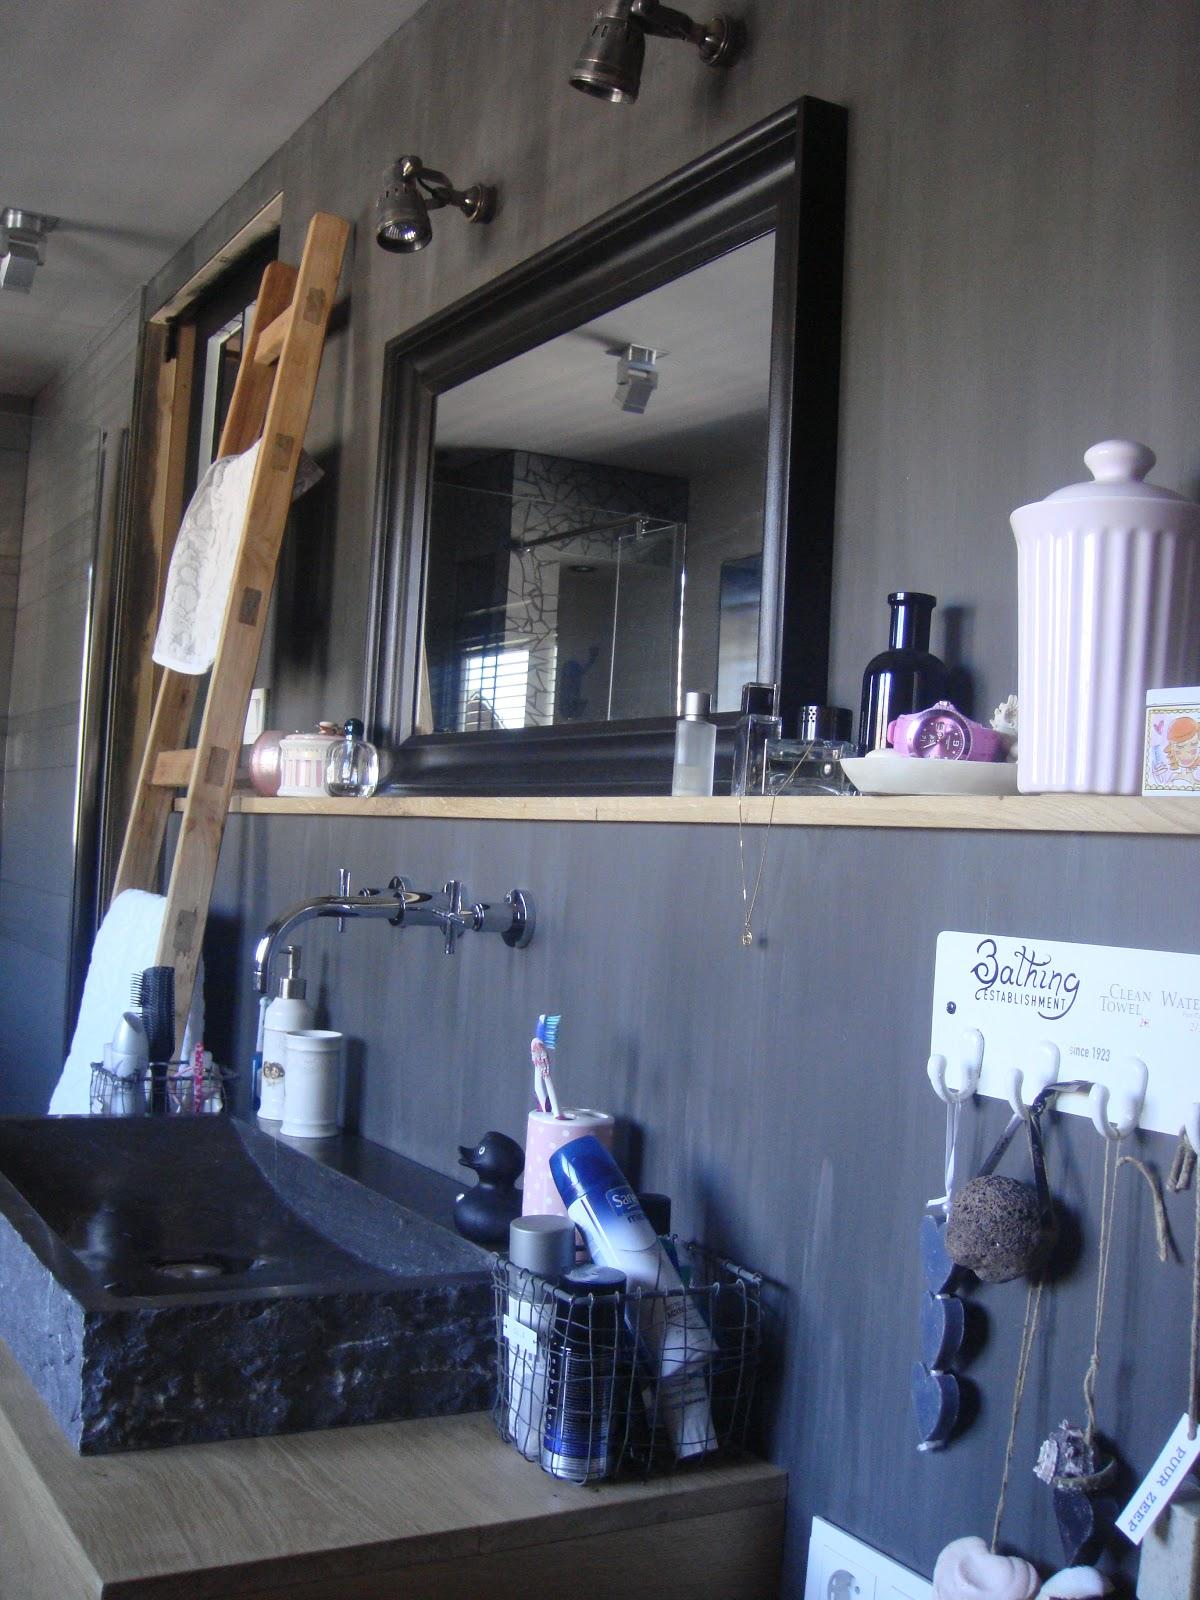 Mijn huis, mijn leven!: onze hamam relax badkamer!